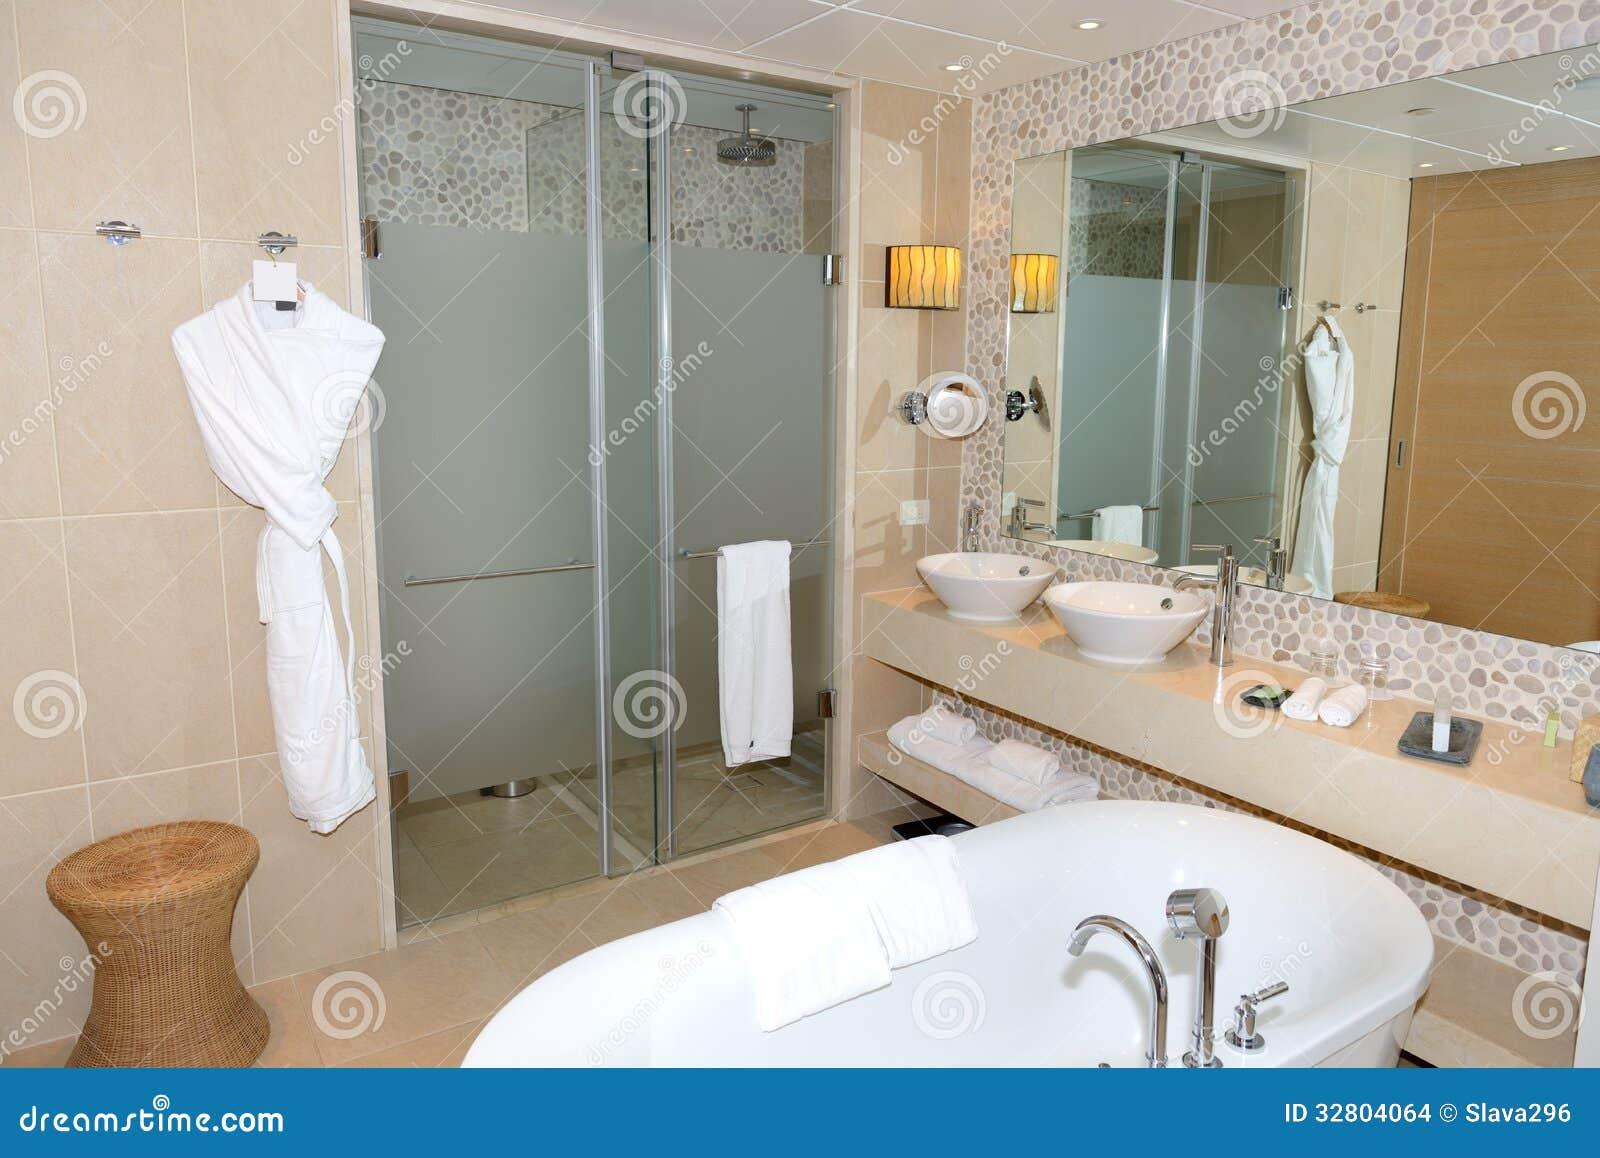 Cuarto de ba o en el hotel de lujo moderno imagenes de - Cuarto bano moderno ...